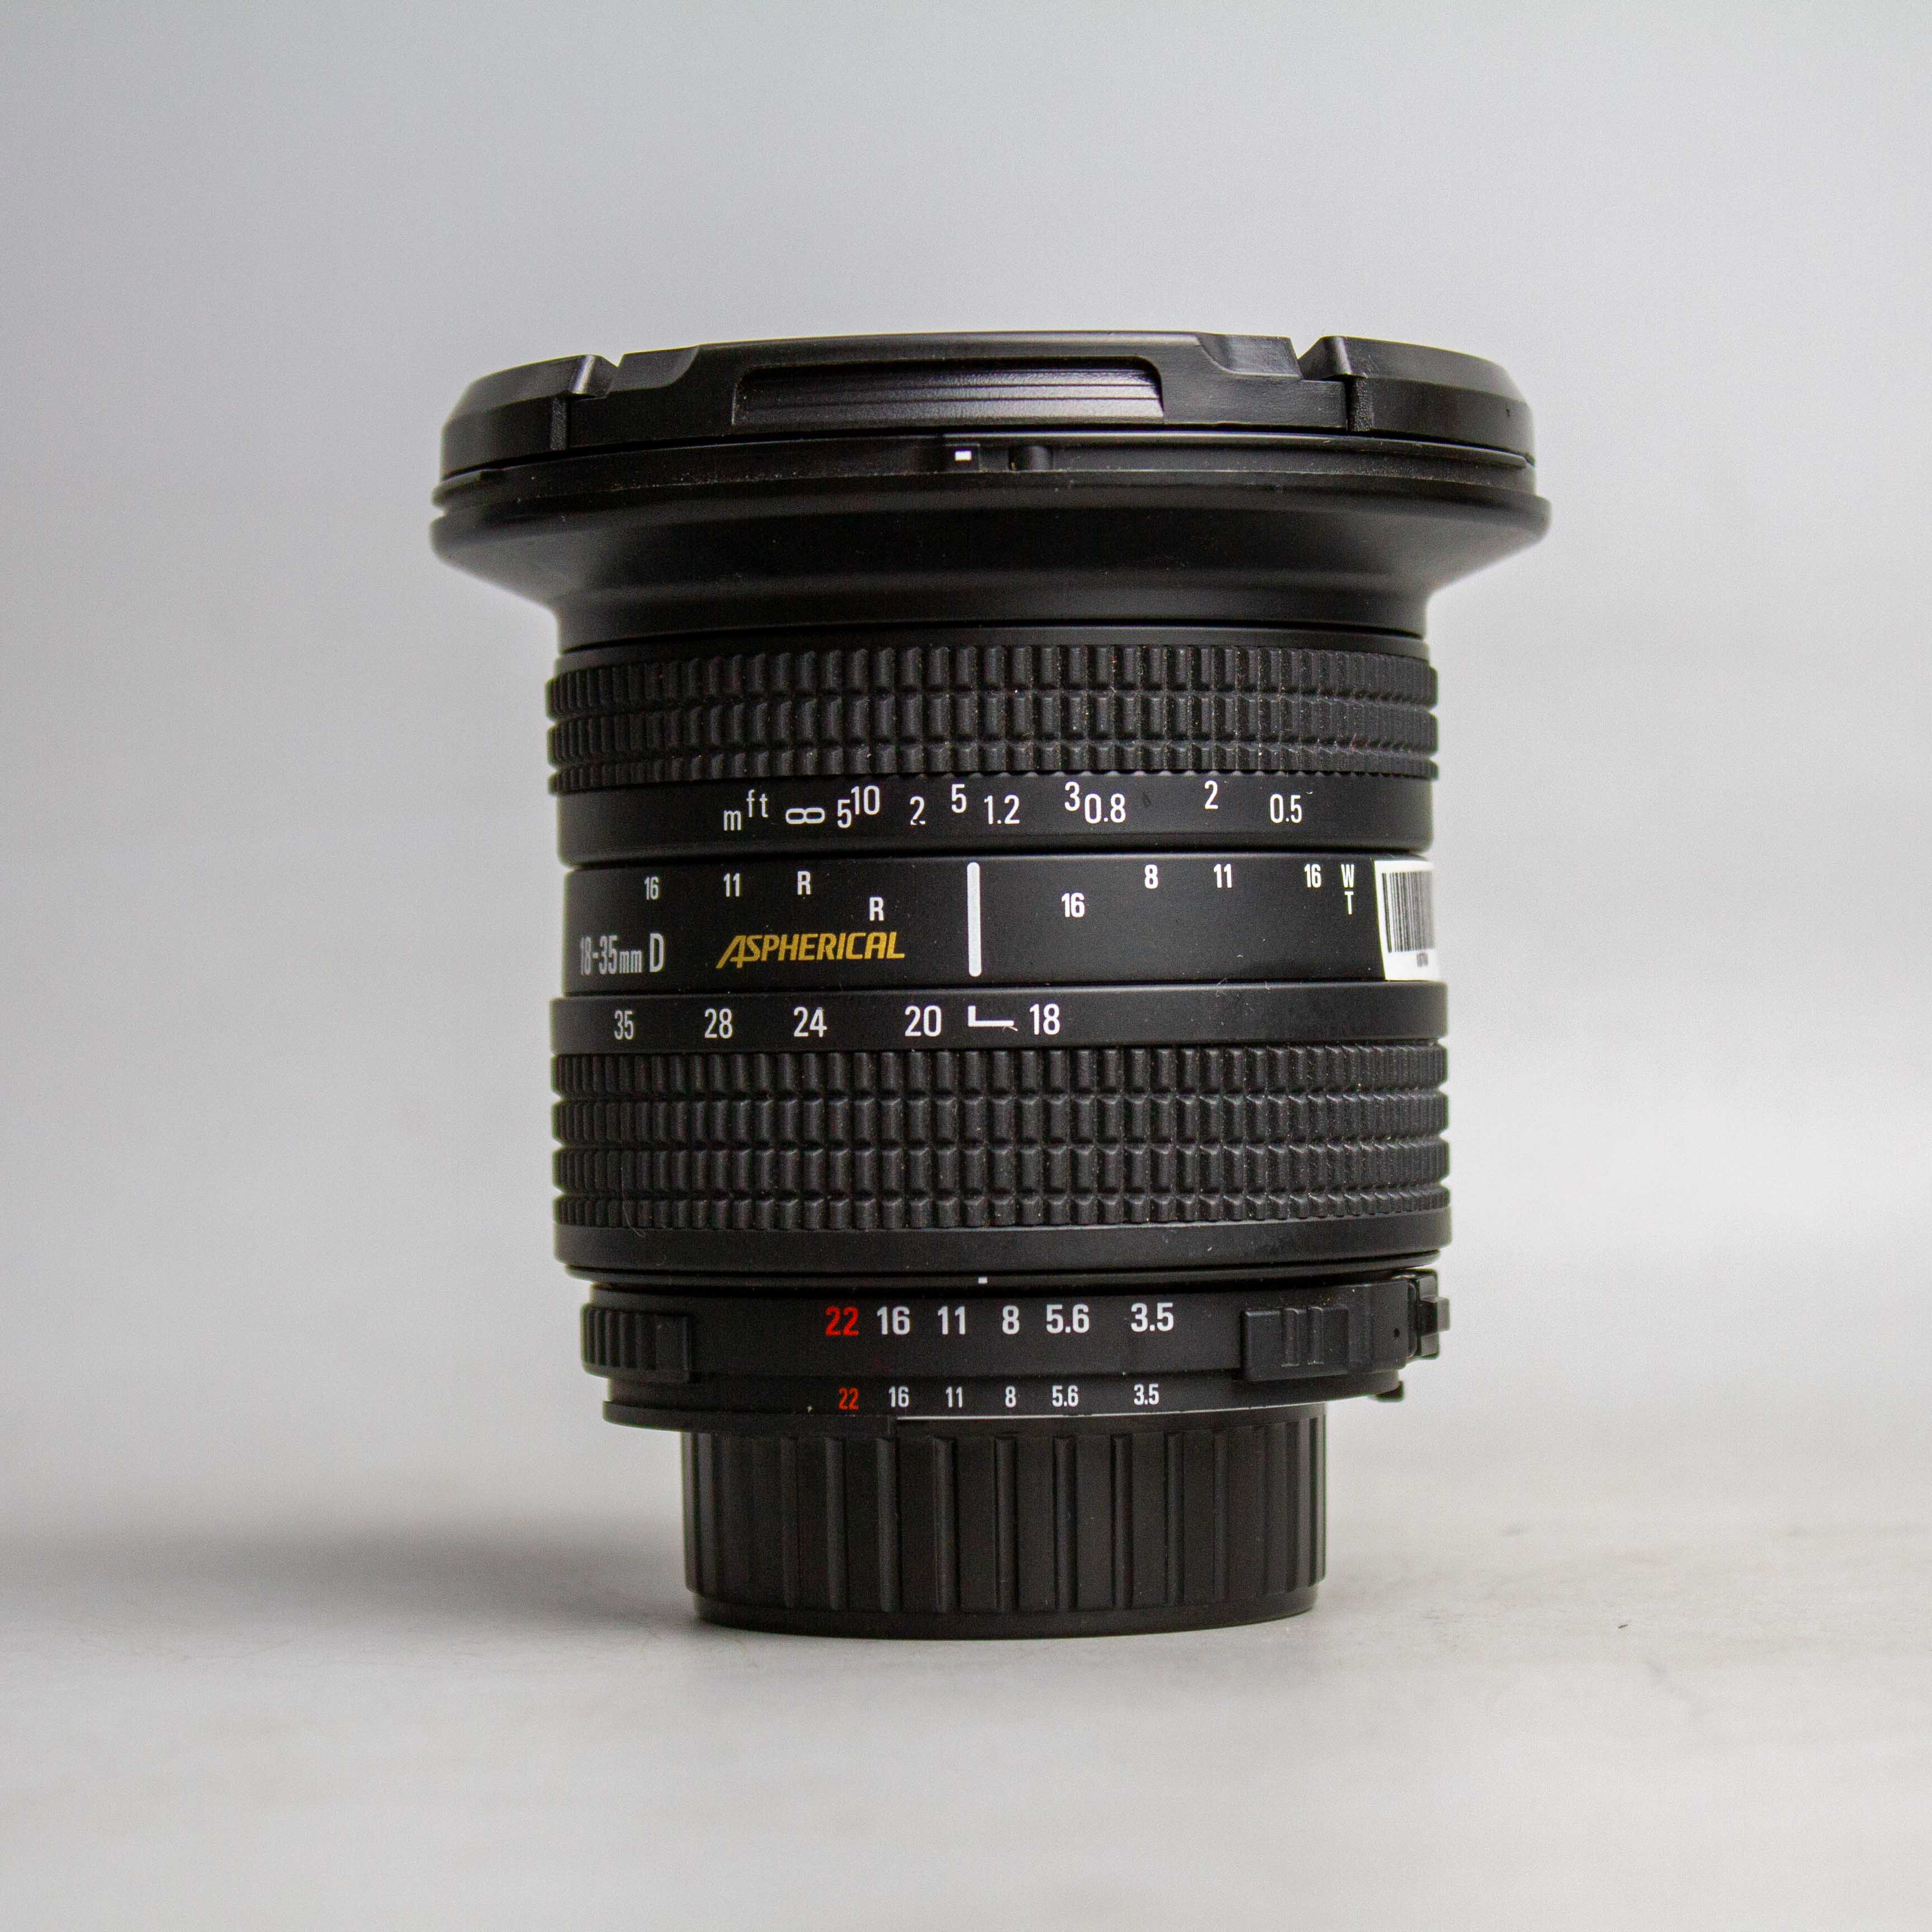 quantaray-tech-10-18-35mm-f3-5-4-5-af-nikon-18-35-3-5-4-5-18704